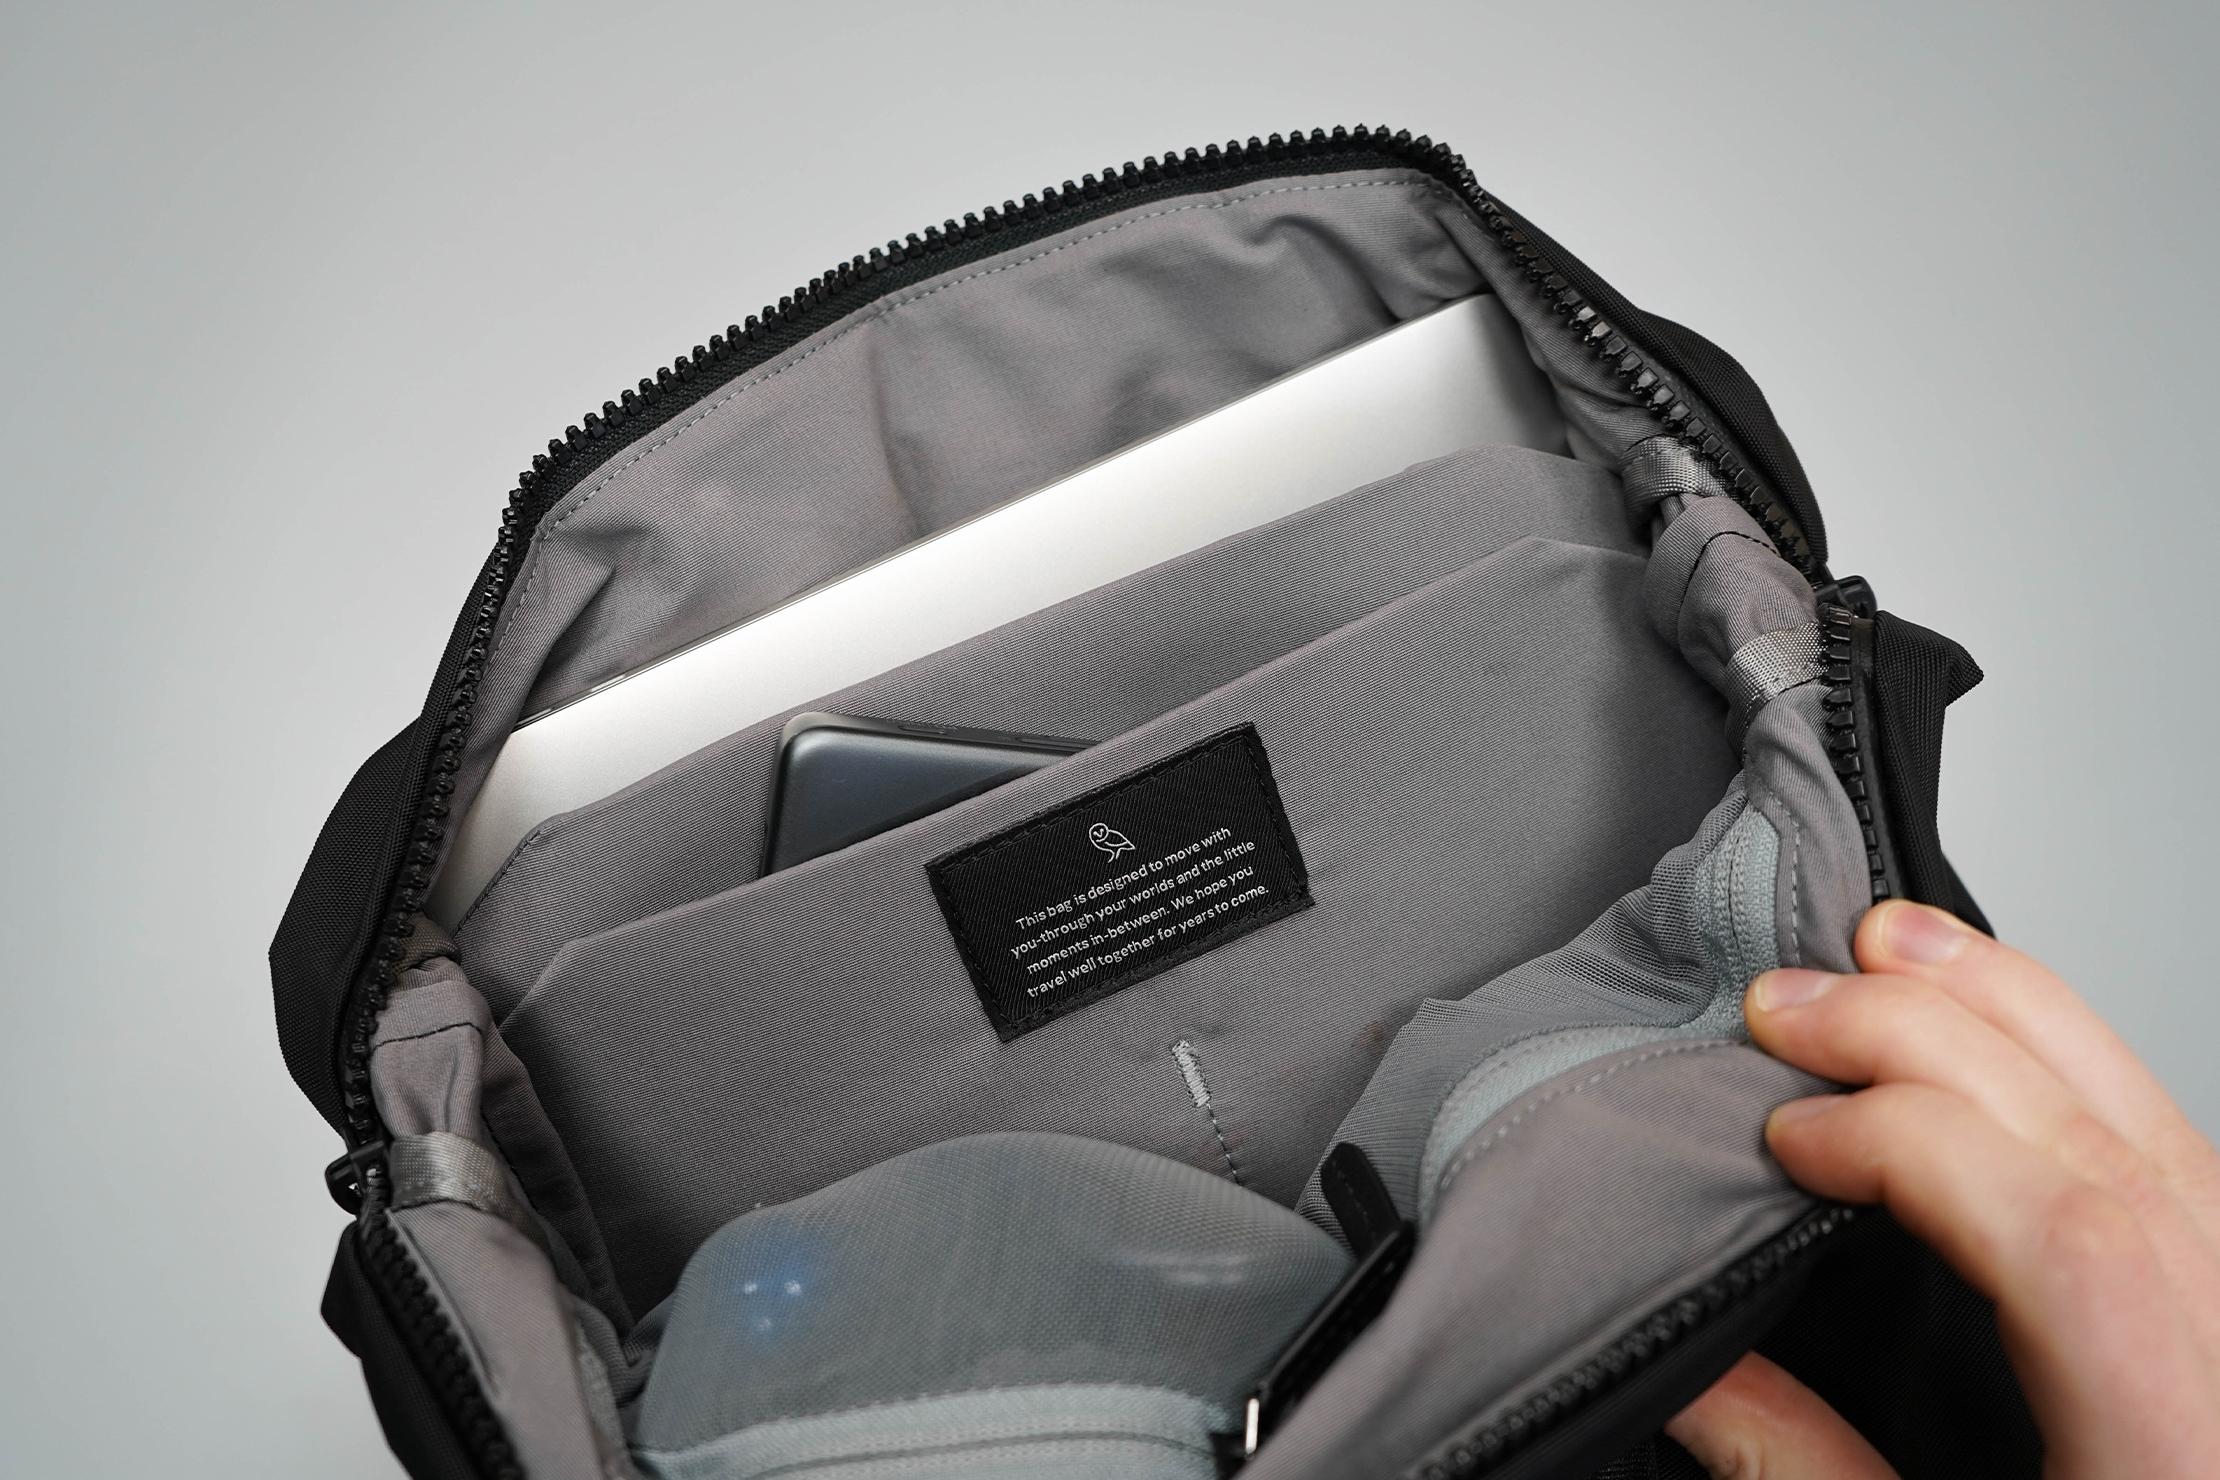 Bellroy Duo Totepack Laptop Organization